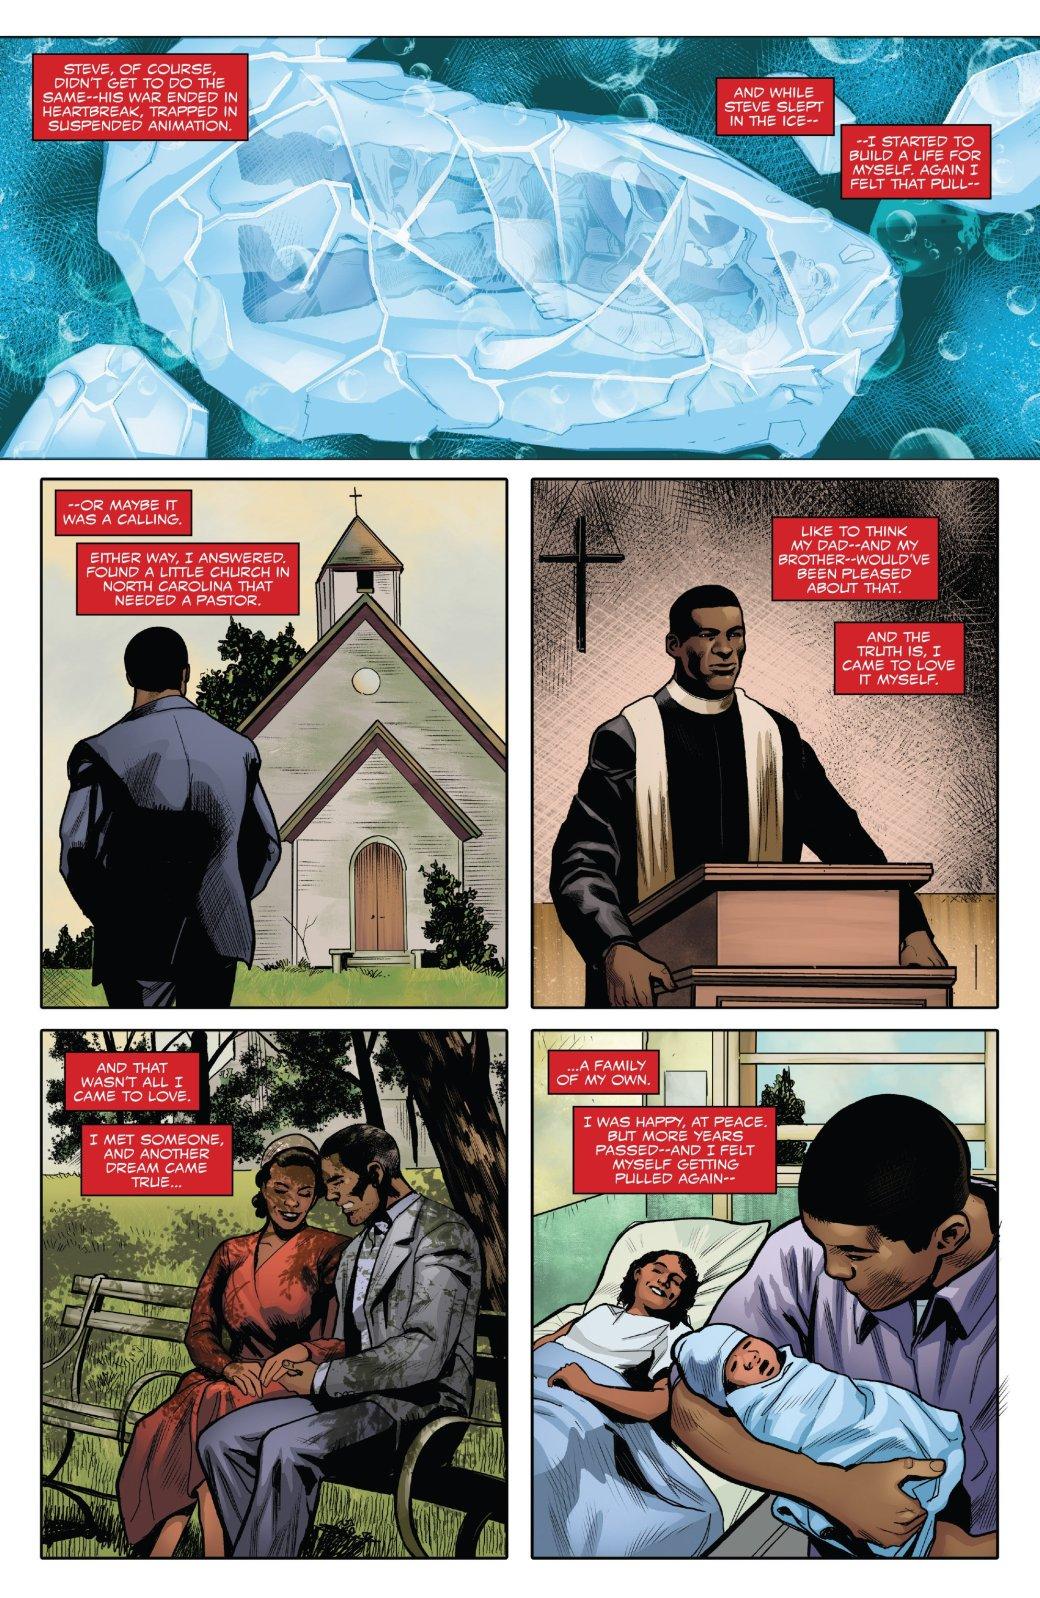 Marvel Generations: отправившись впрошлое, Сэм Уилсон прожил там целую жизнь | Канобу - Изображение 5750